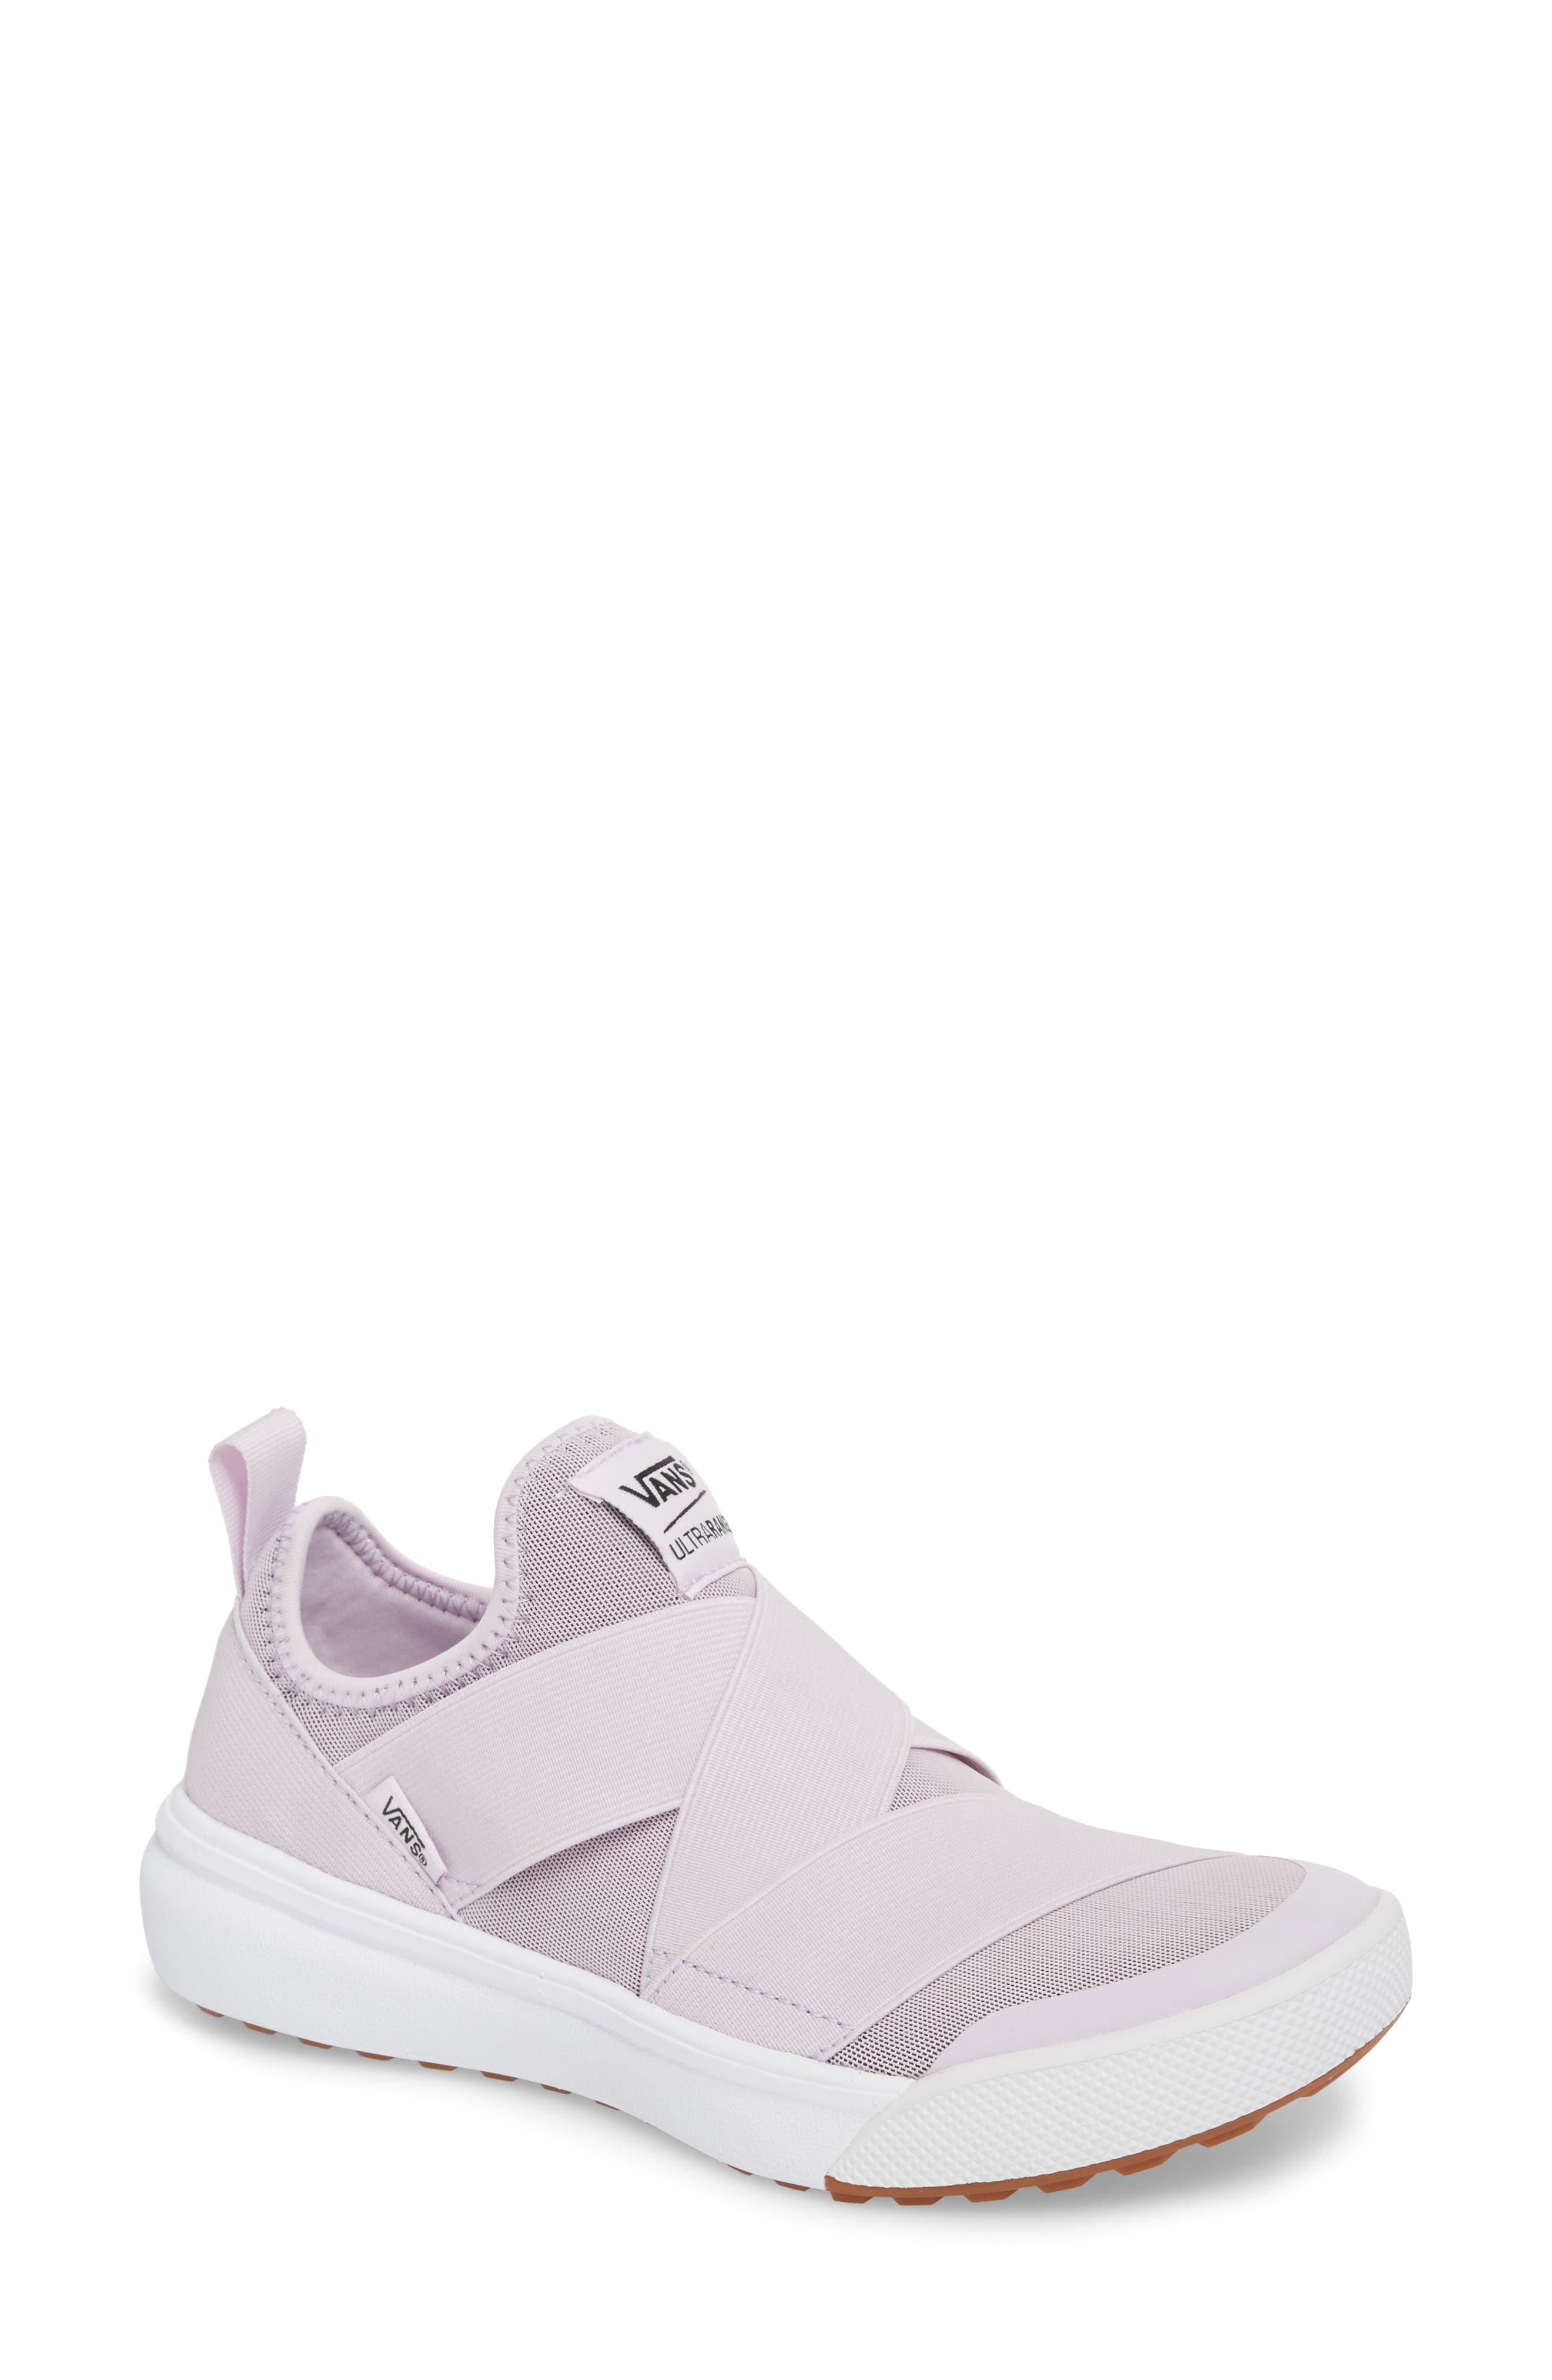 UltraRange Gore Slip-On Sneaker,                             Main thumbnail 1, color,                             LAVENDER FOG